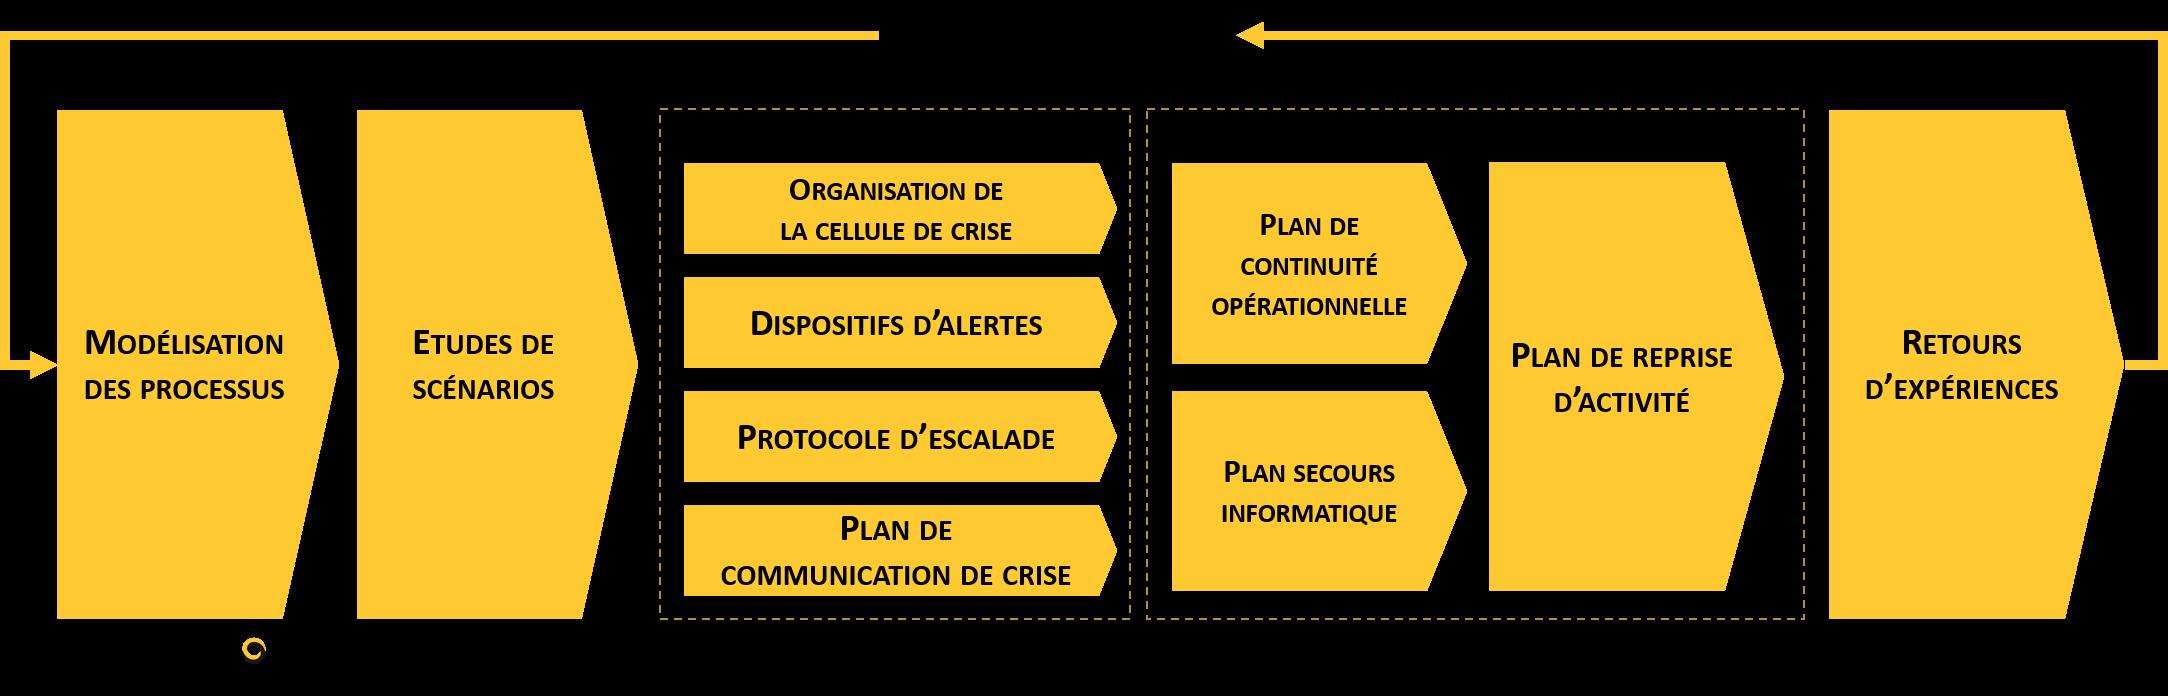 schéma gestion de crise